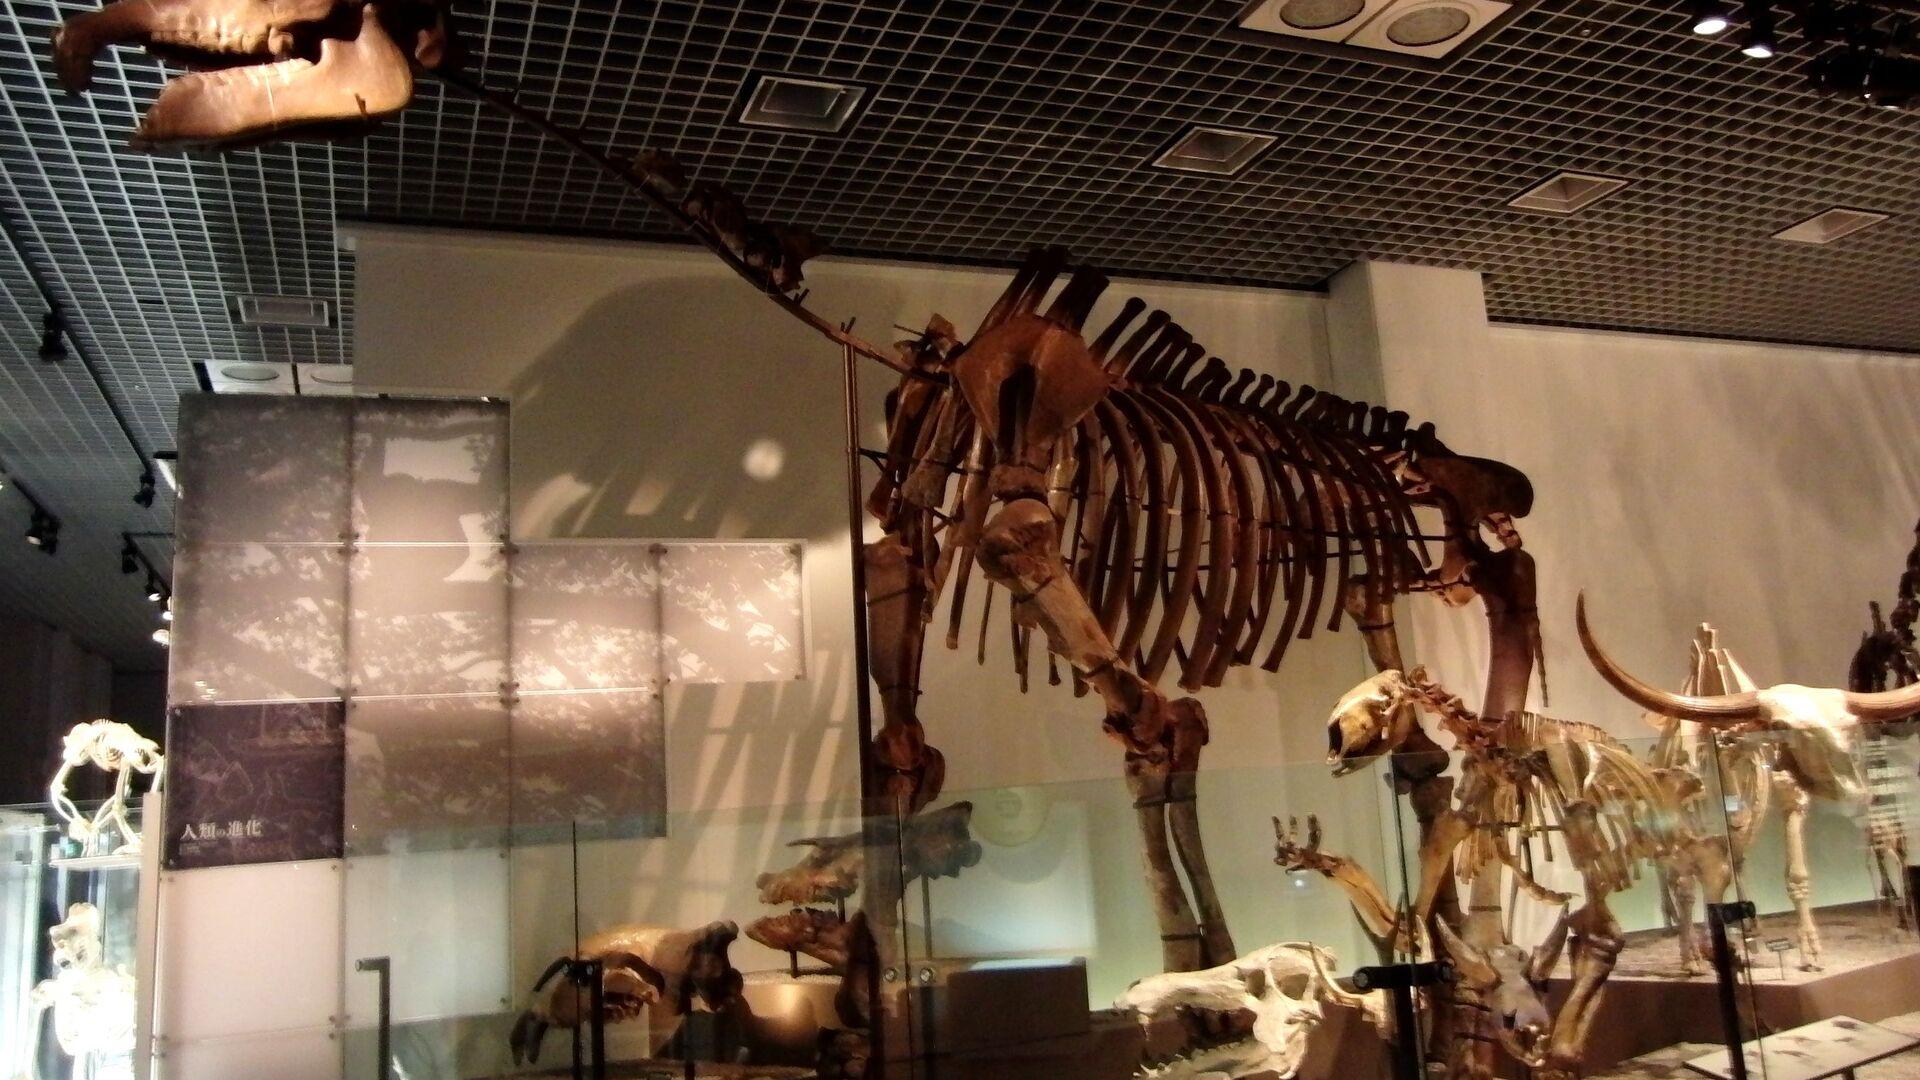 Kostur indrikoterije (Indricotherium transouralicum). Izložba u Nacionalnom muzeju prirode i nauke, Tokio, Japan - Sputnik Srbija, 1920, 18.06.2021